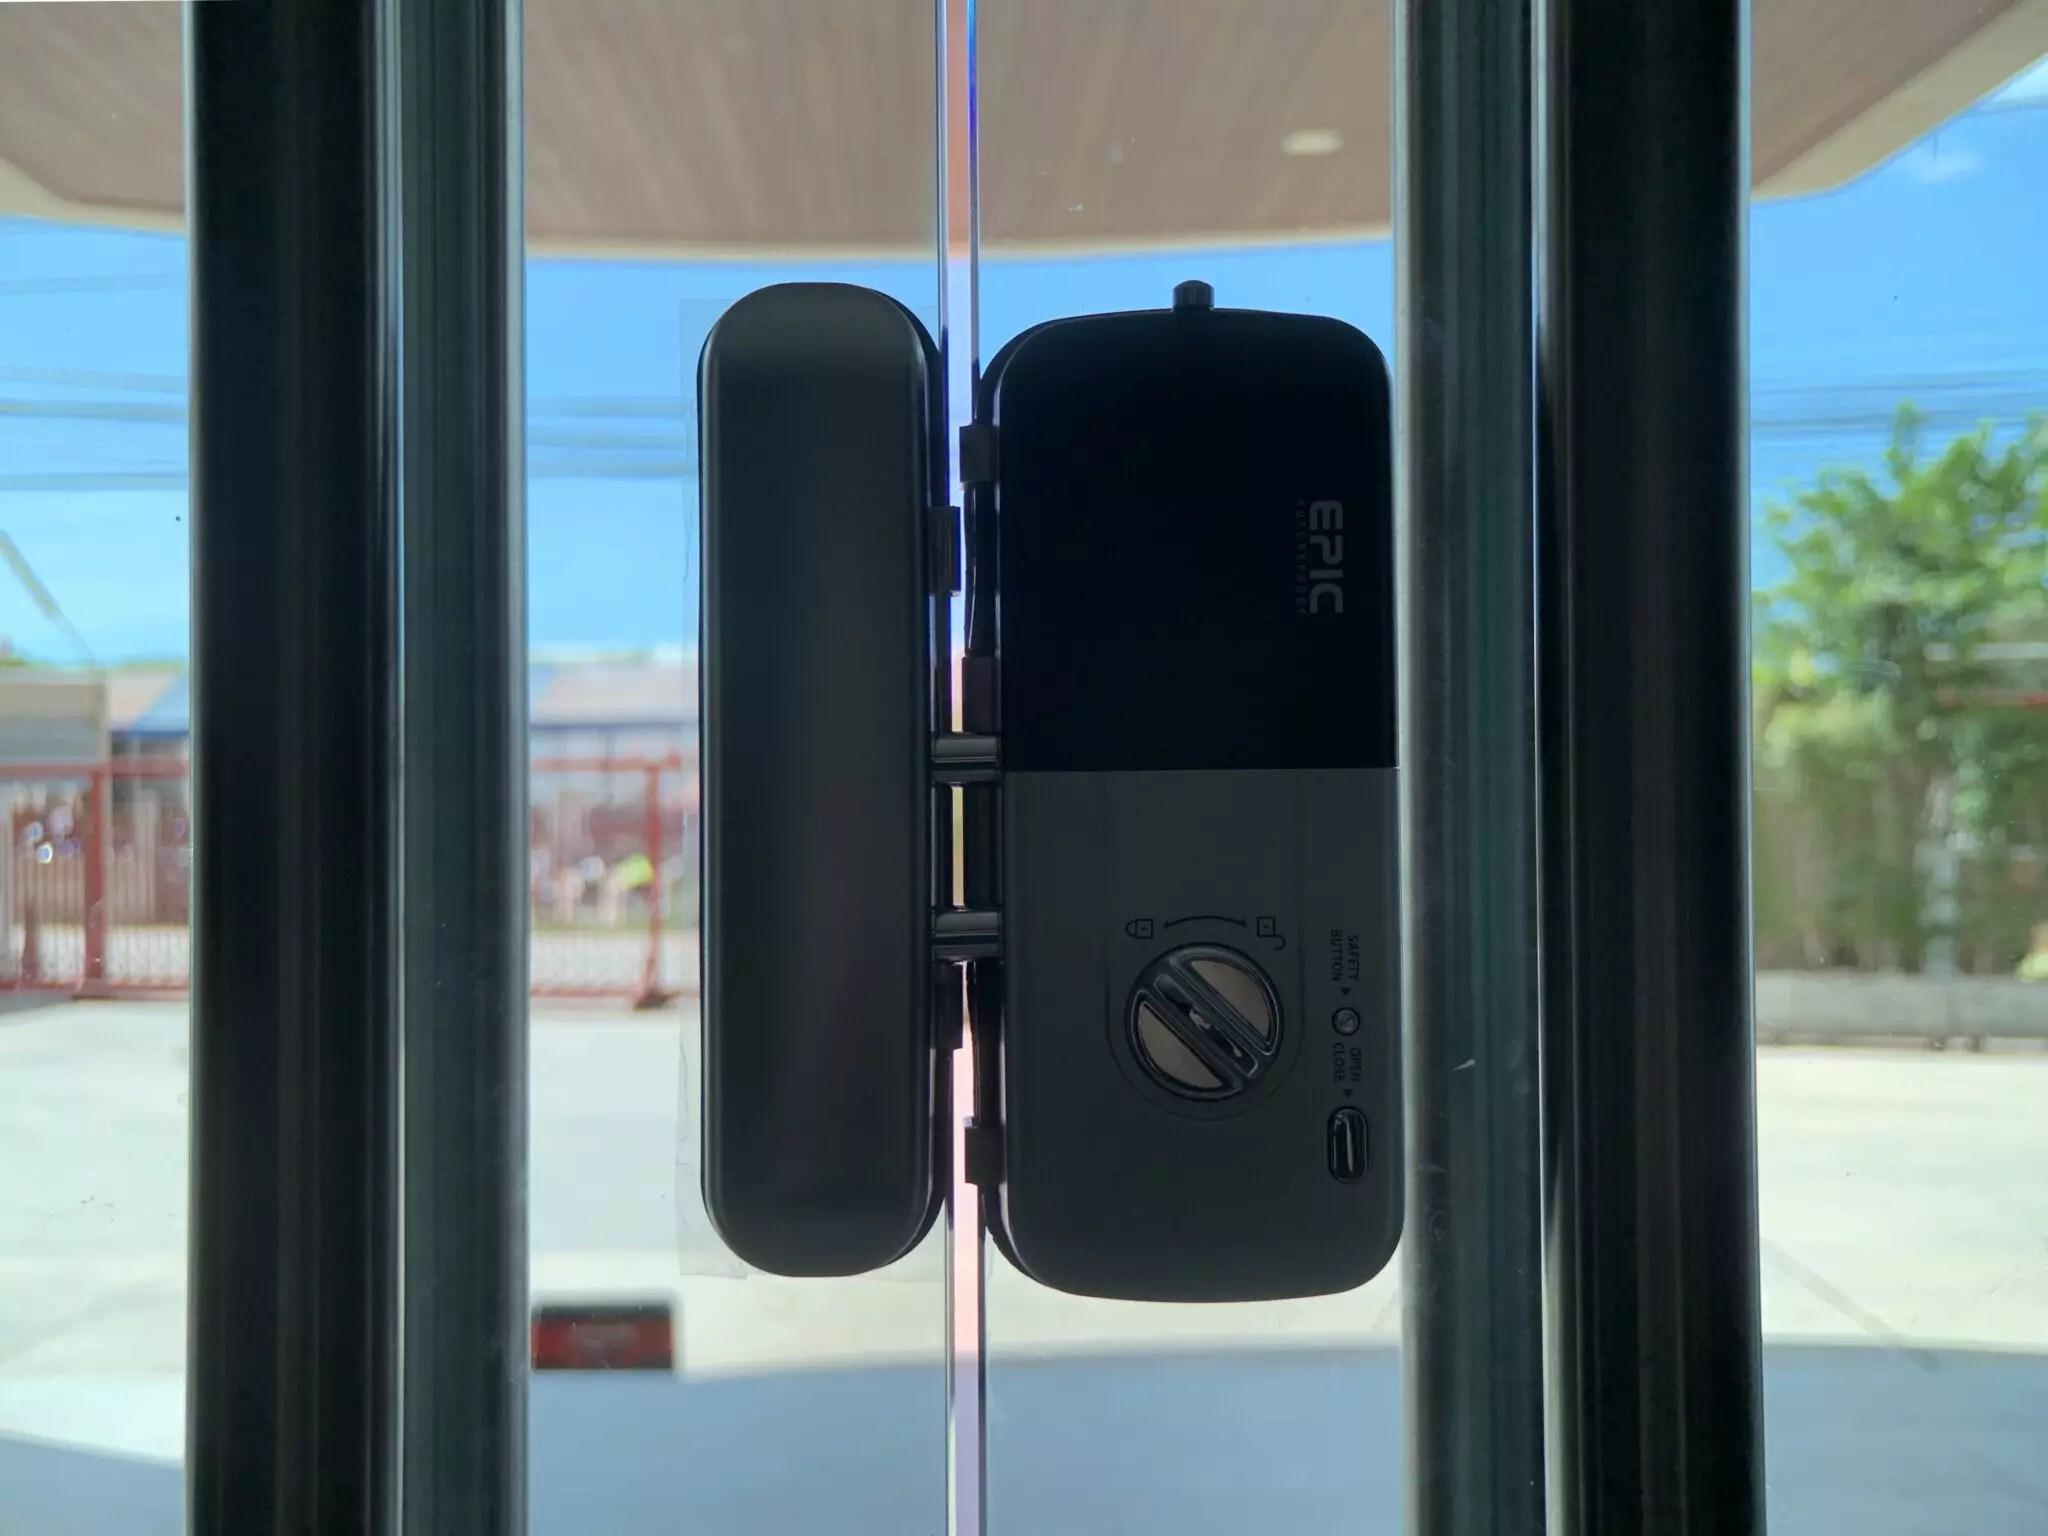 ภาพงานติดตั้ง EPIC DOORLOCK รุ่น ES-303G สำหรับกระจกบานเปลือย